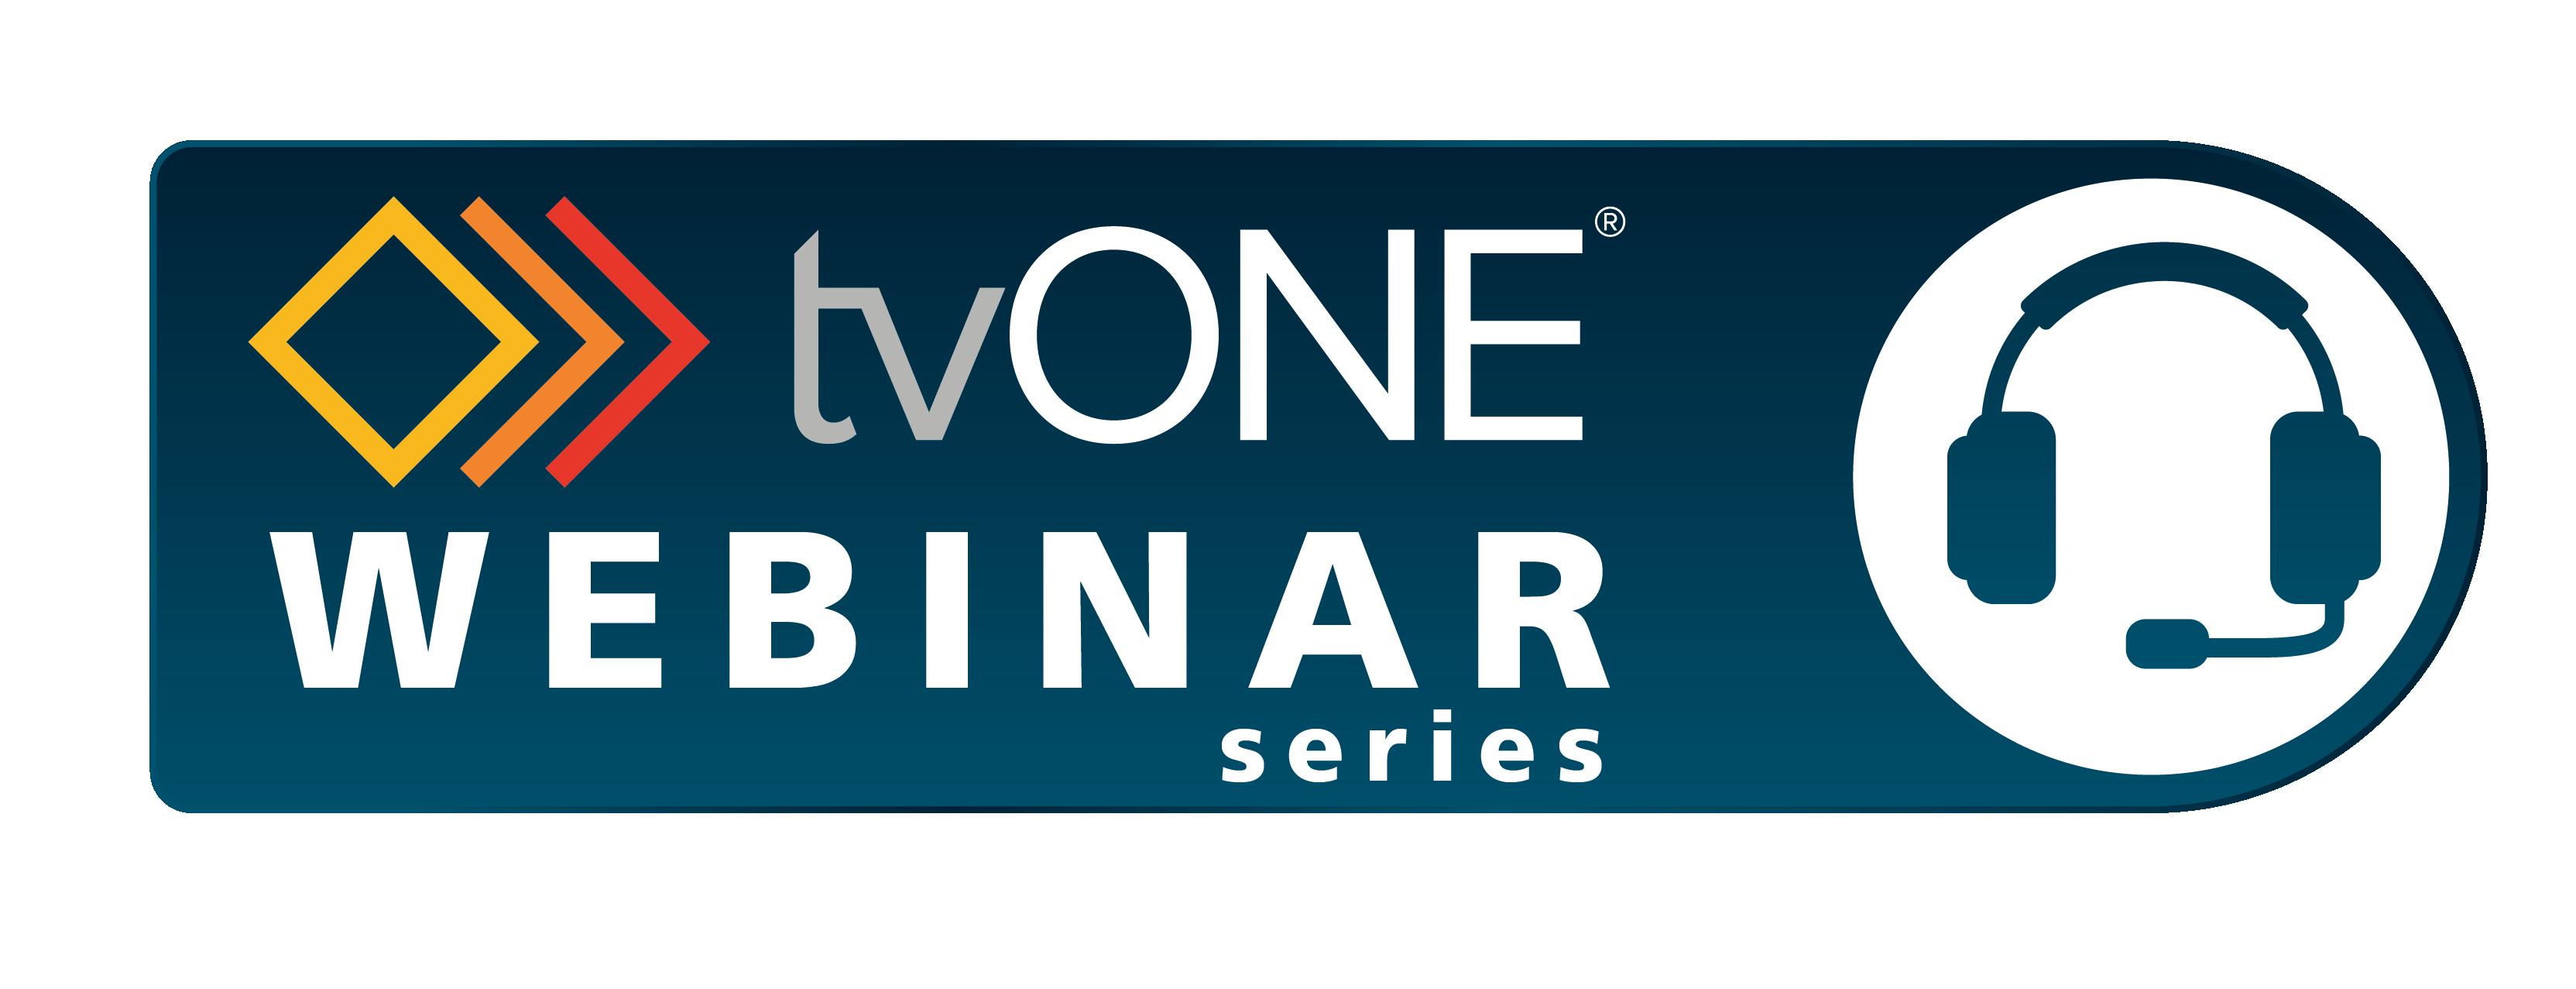 tvONE Webinar Series Logo 01 01